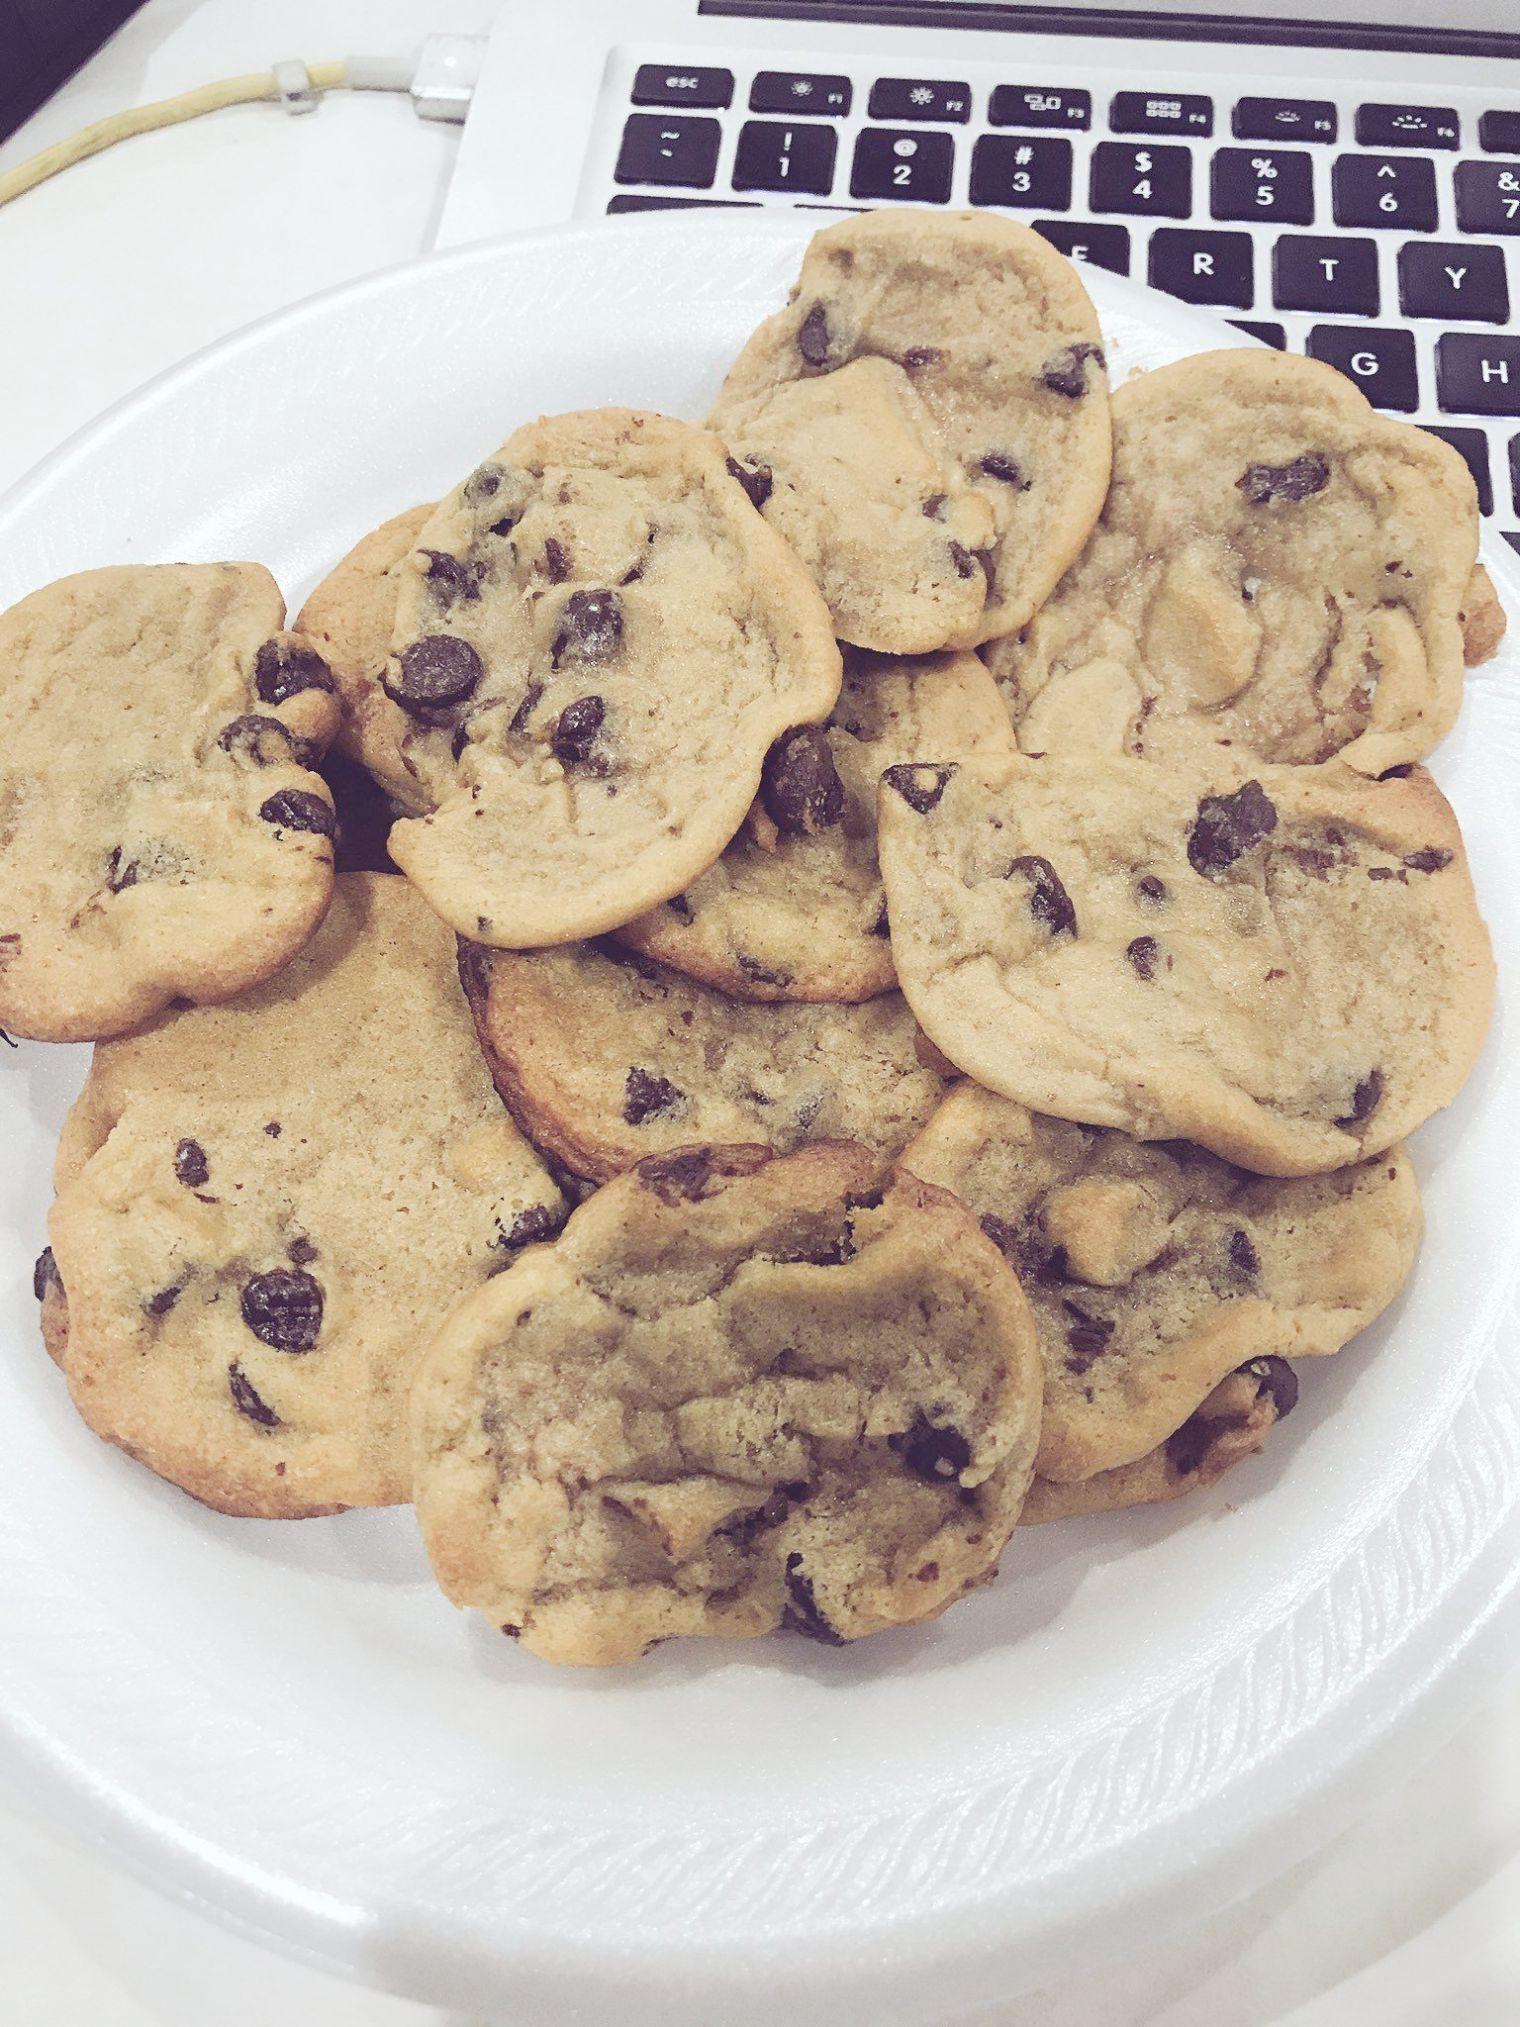 Snack Foods Inc Behind Best Junk Food Snacks Reddit Lest Junk Food Snacks For School Food Cravings Yummy Food Junk Food Snacks